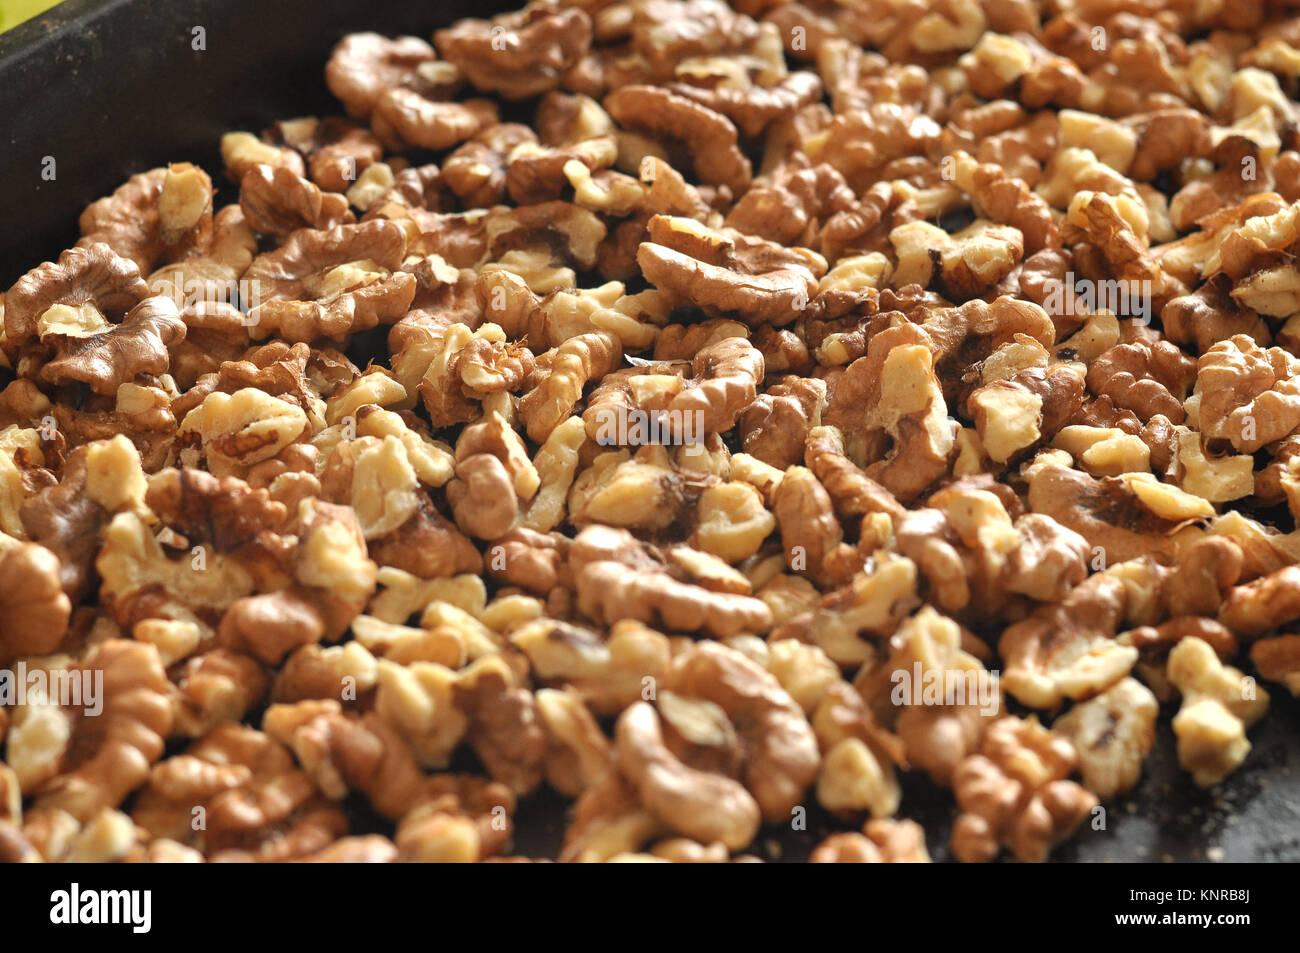 Baked walnut kernels on a black backing tray close-up. Walnut background. - Stock Image